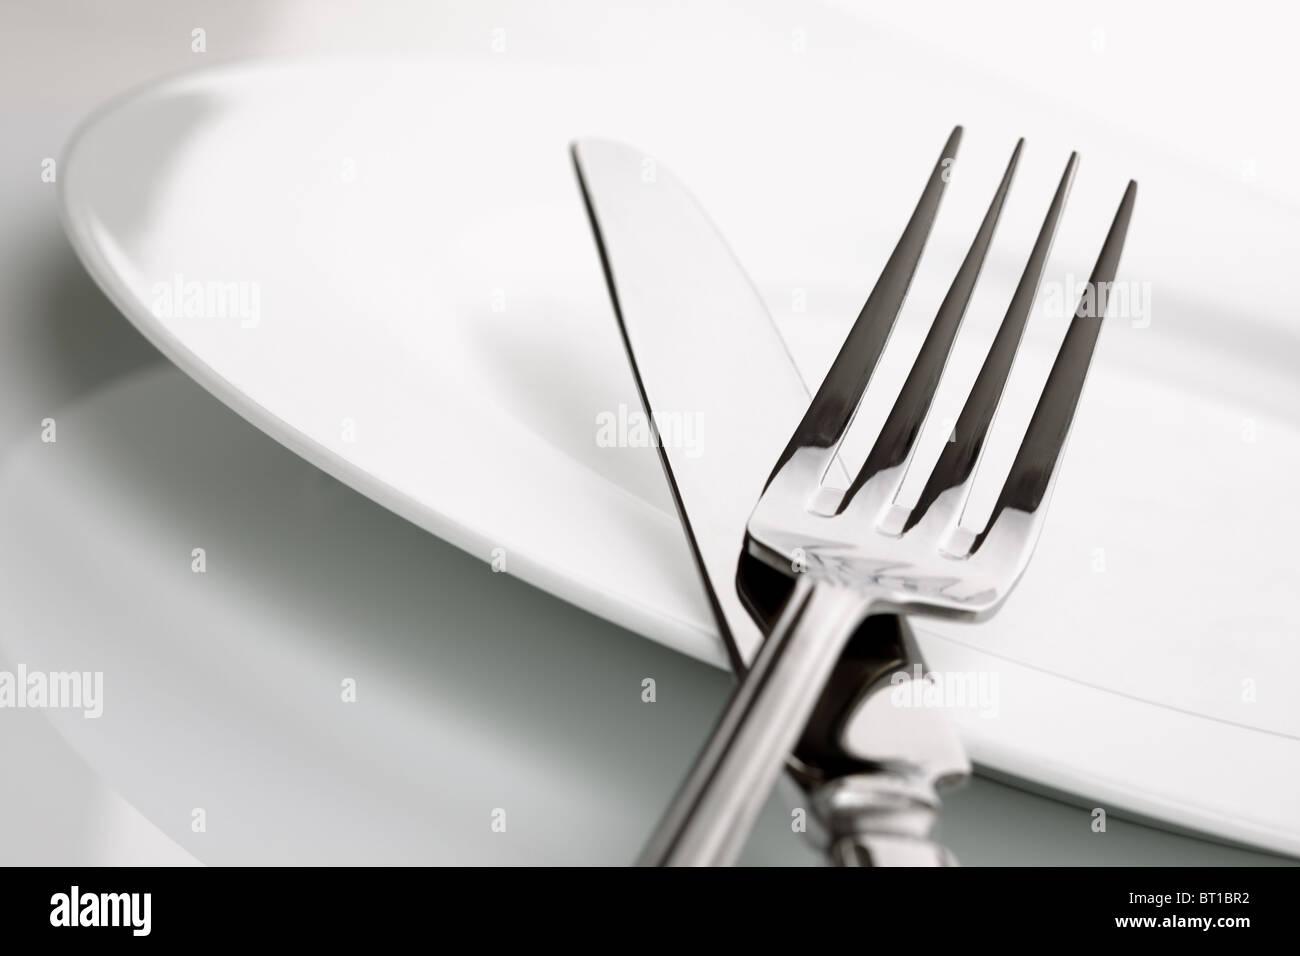 Abendessen-Teller, Messer und Gabel-Besteck Stockbild